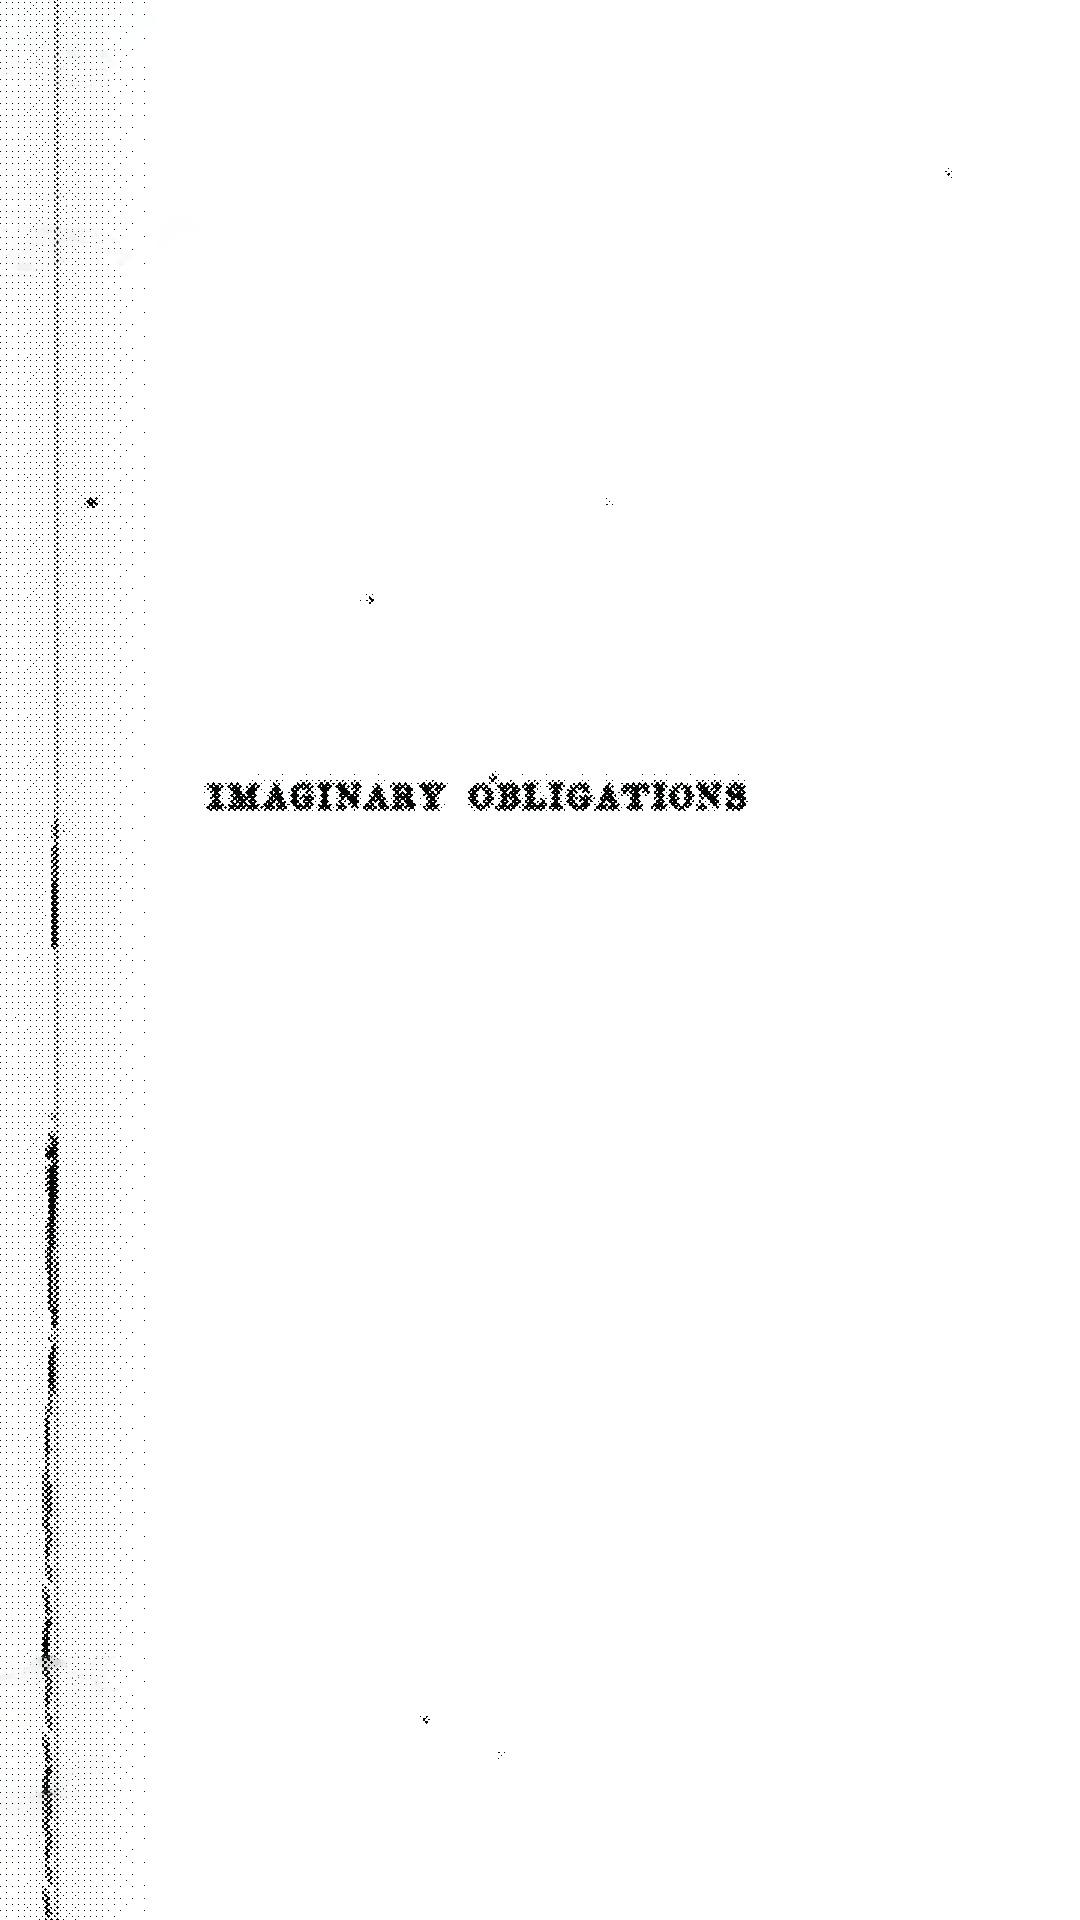 imaginaryobligations.jpg